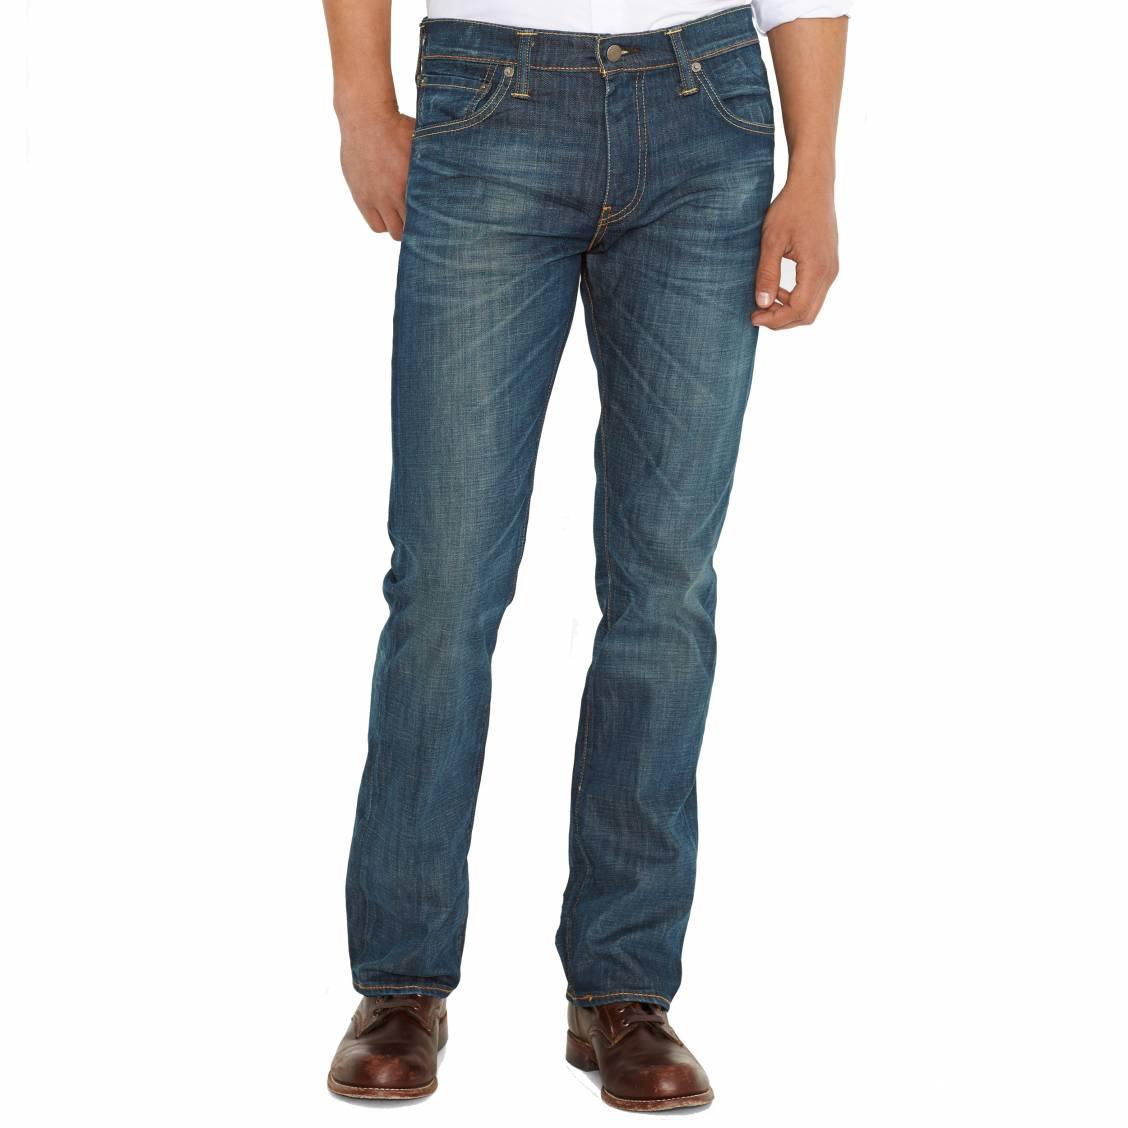 Jeans 527 Levi's